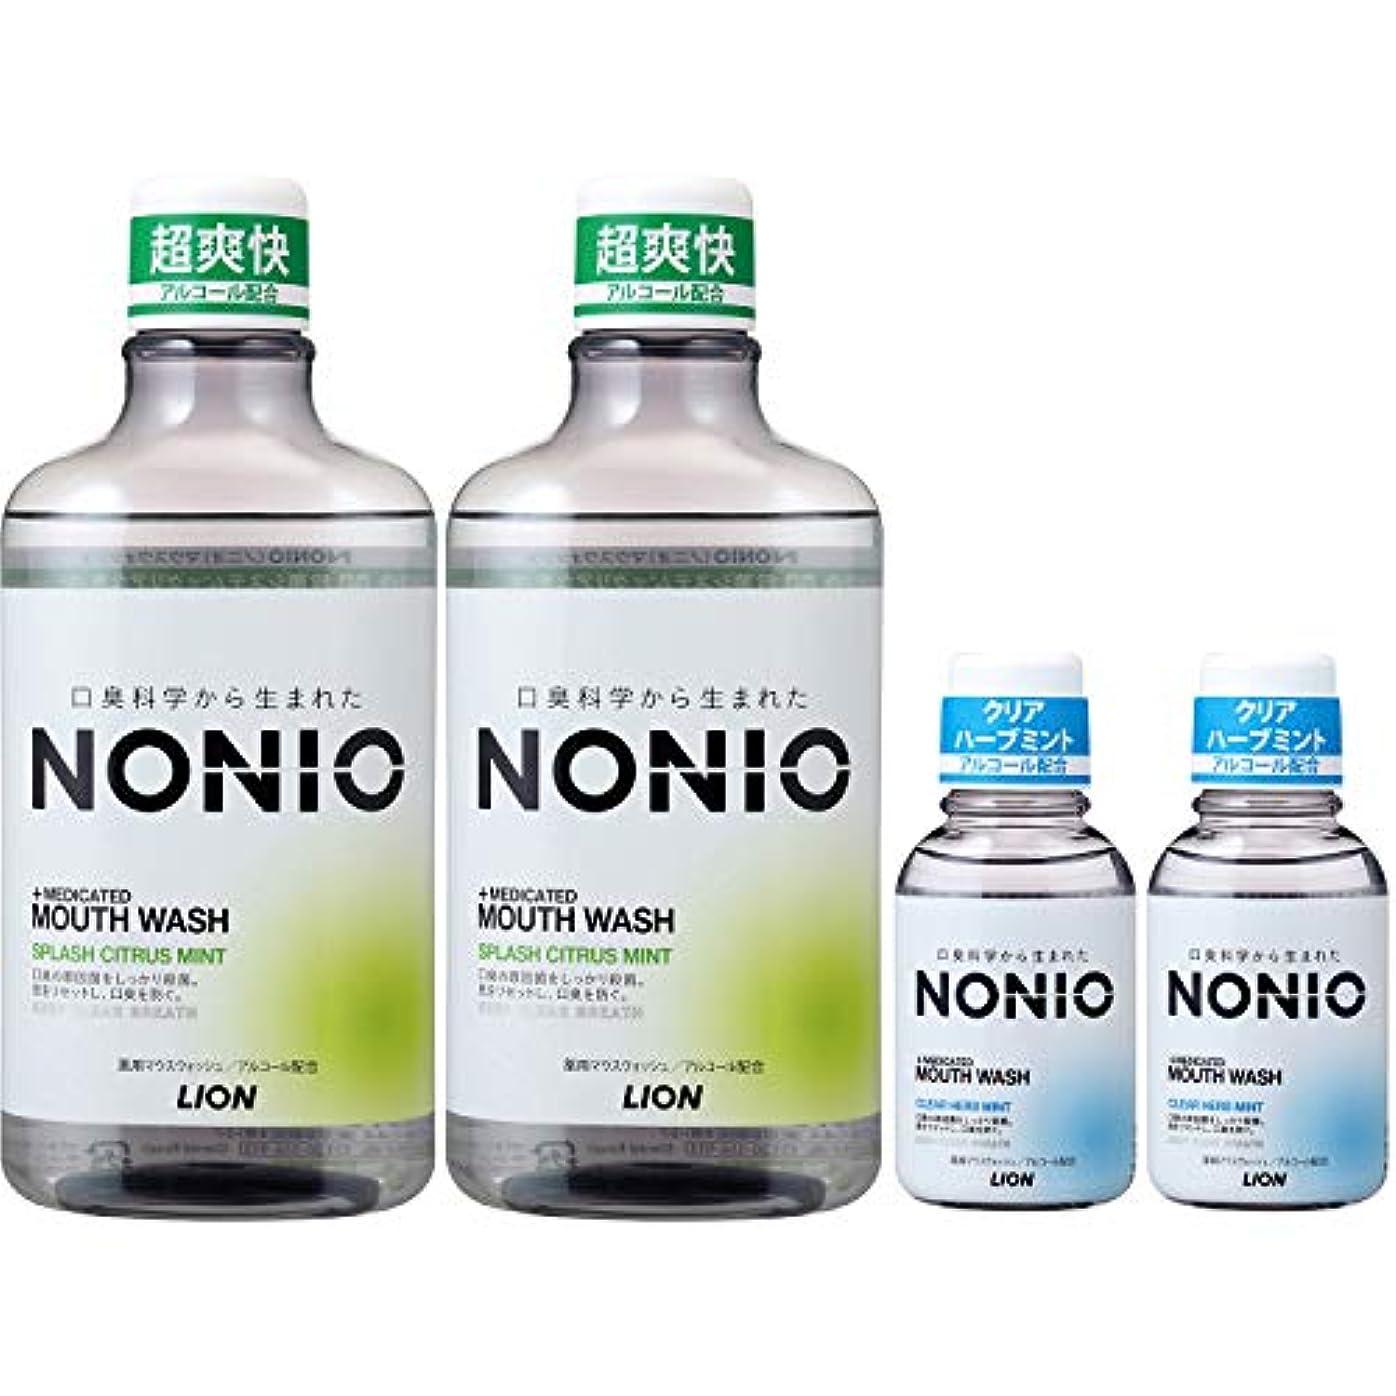 だます増加する日付【Amazon.co.jp限定】 NONIO(ノニオ) [医薬部外品]NONIO マウスウォッシュ スプラッシュシトラスミント 600ml×2個 洗口液+ミニリンス80ml×2個 600ml×2+ミニリンス